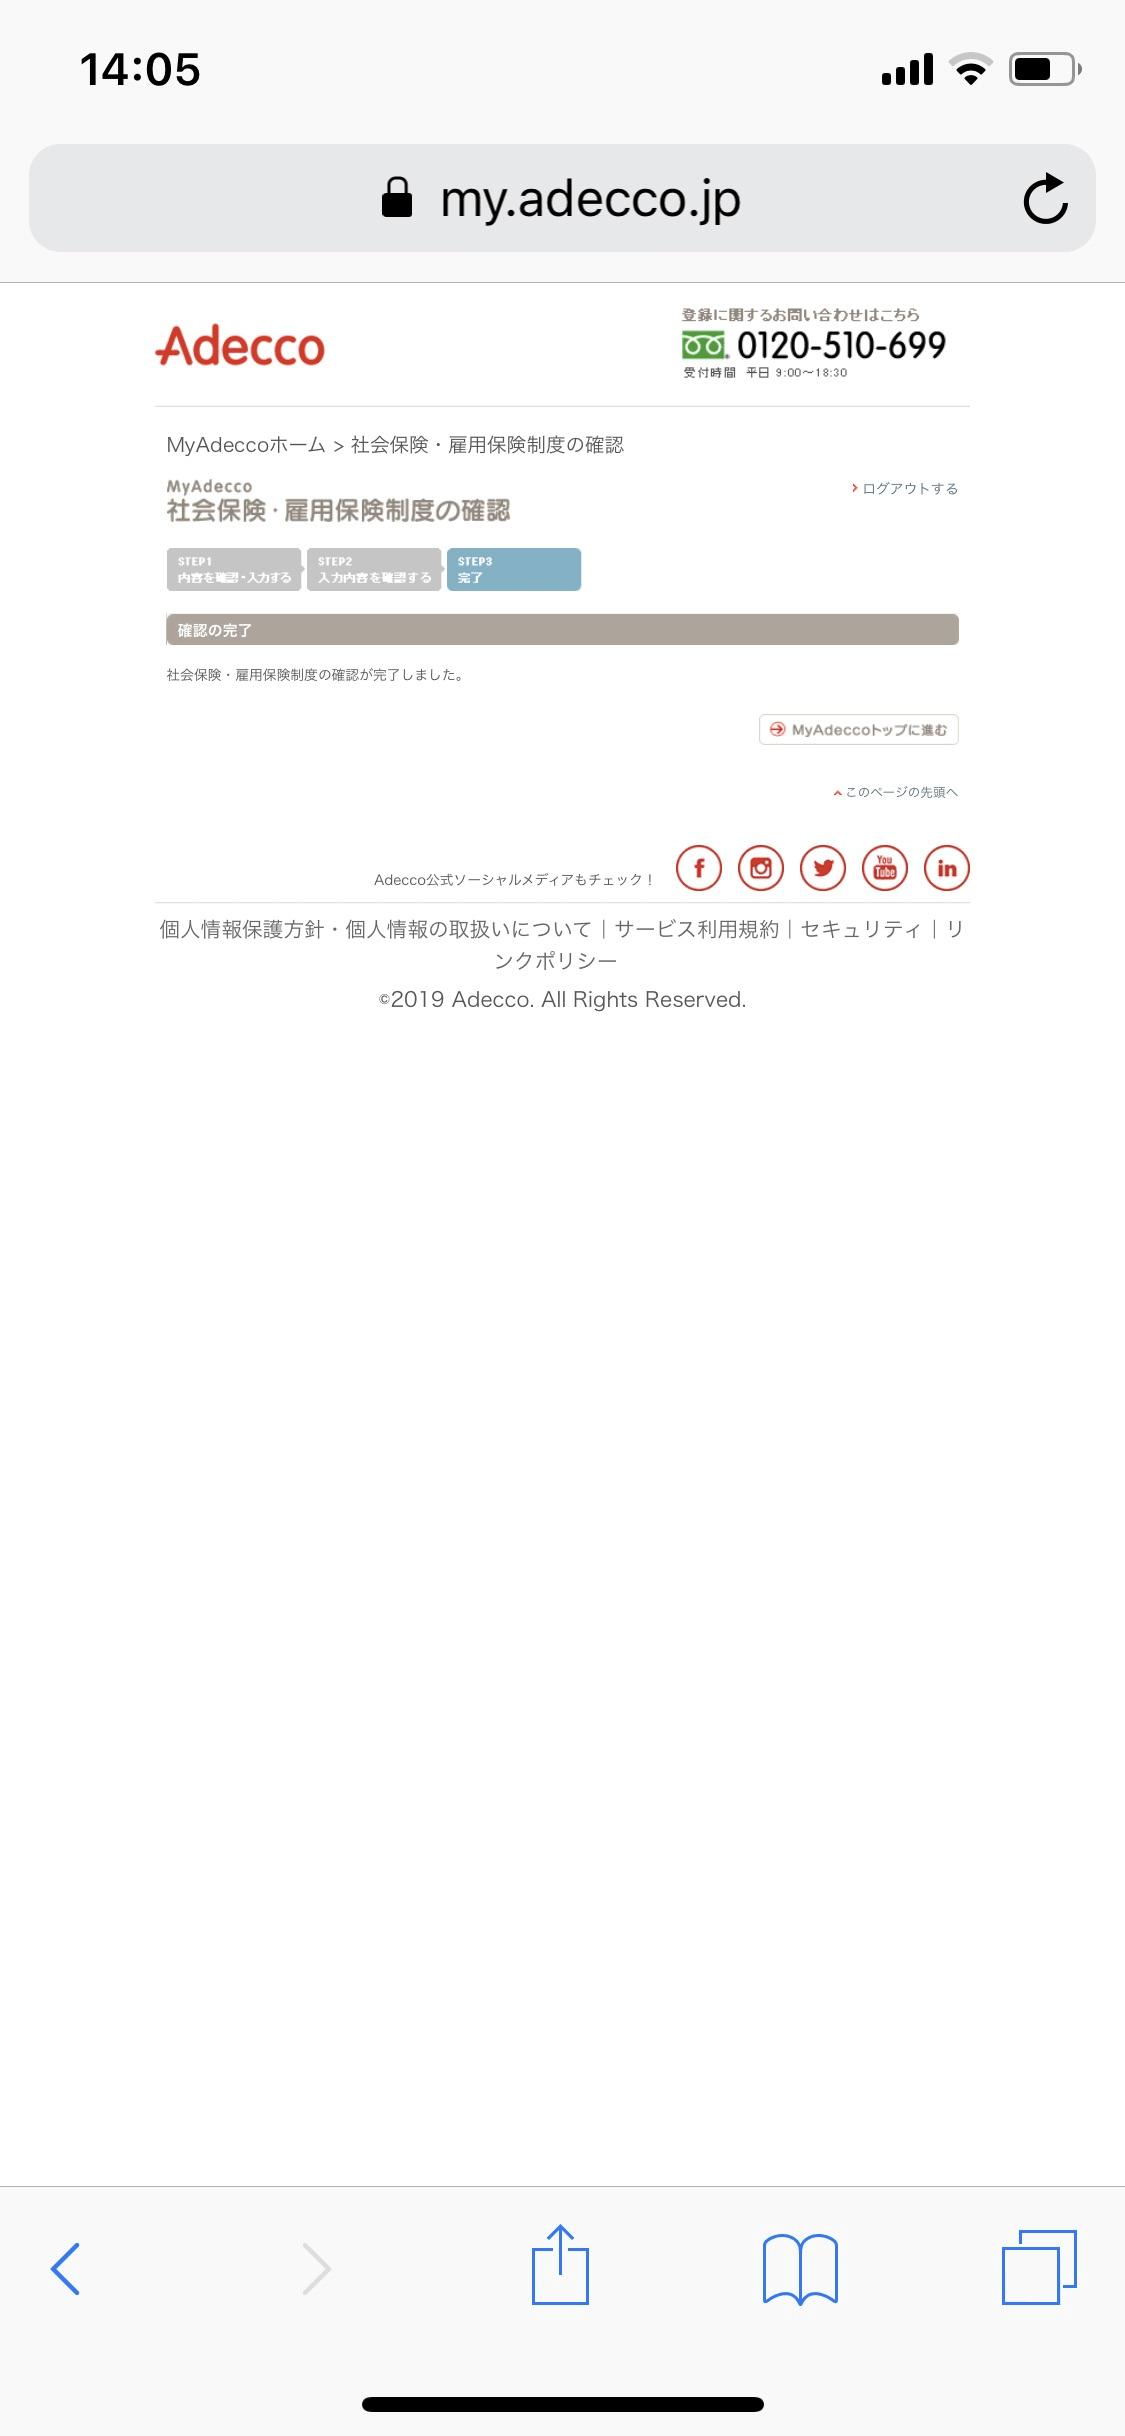 ページ アデコ マイ